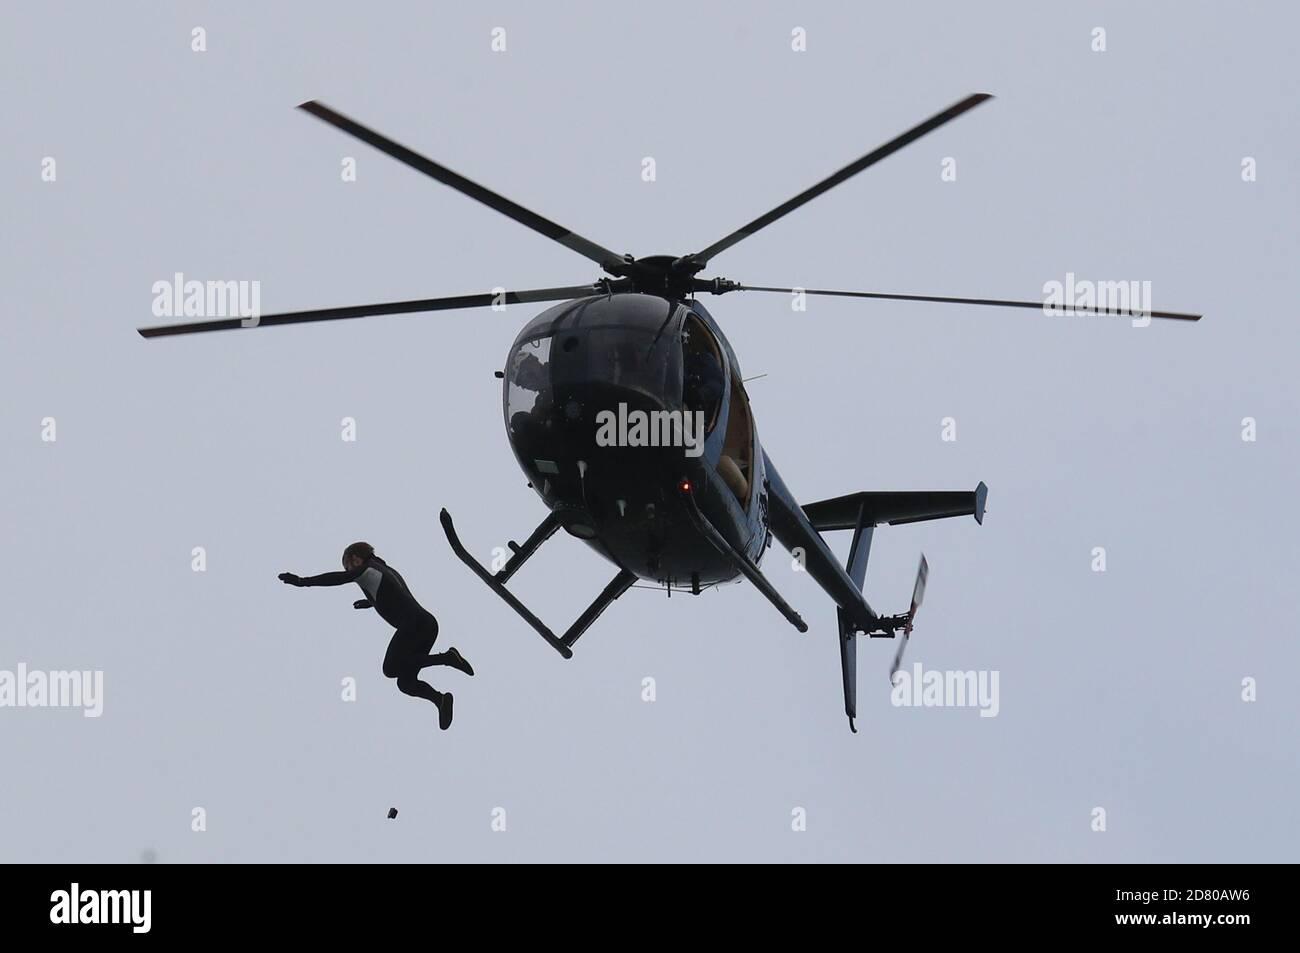 RITRASMISSIONE della distanza di modifica ottenuta in salto a 40 m. L'ex paracadutista John Bream tenta il record per il salto più alto senza un paracadute saltando 40 m da un elicottero nel mare al largo di Hayling Island in Hampshire. Foto Stock